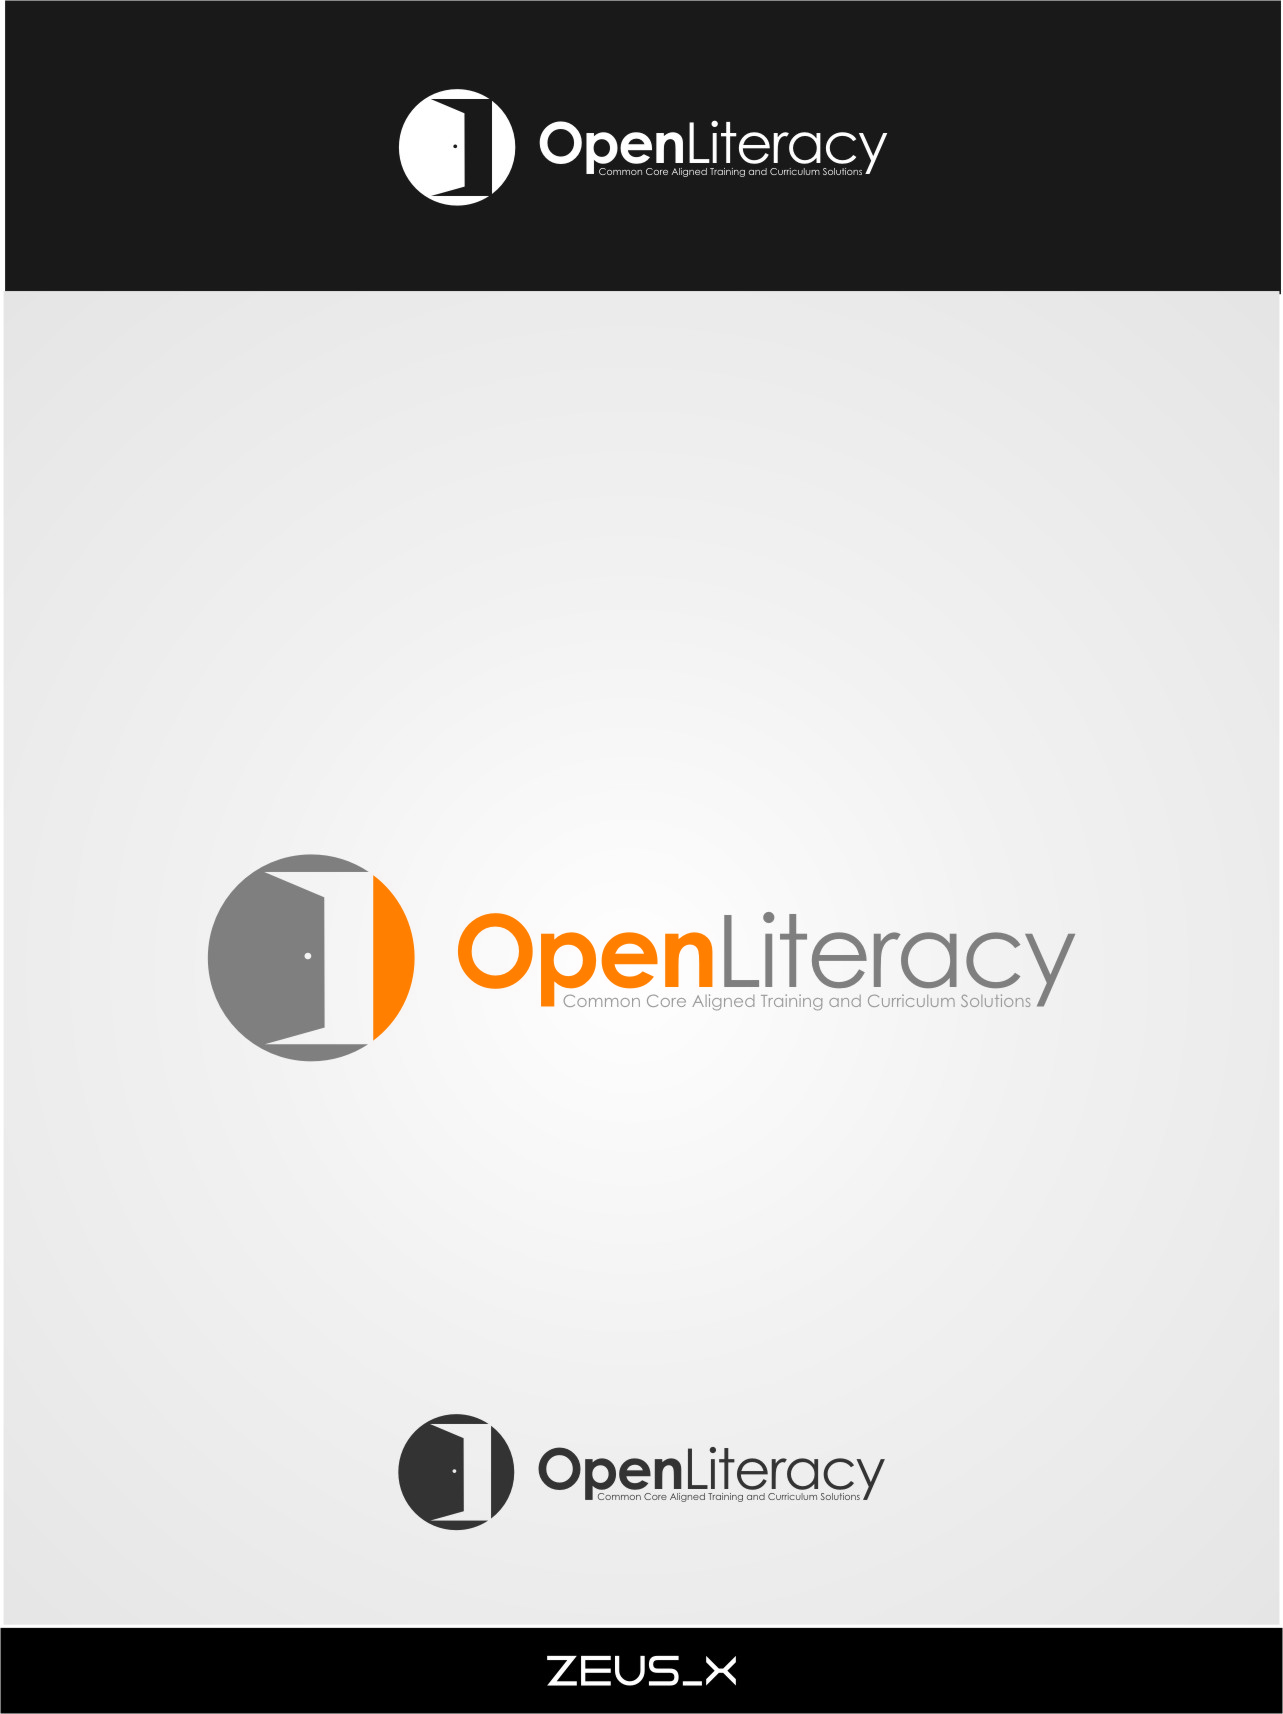 Logo Design by RasYa Muhammad Athaya - Entry No. 145 in the Logo Design Contest Inspiring Logo Design for OpenLiteracy.